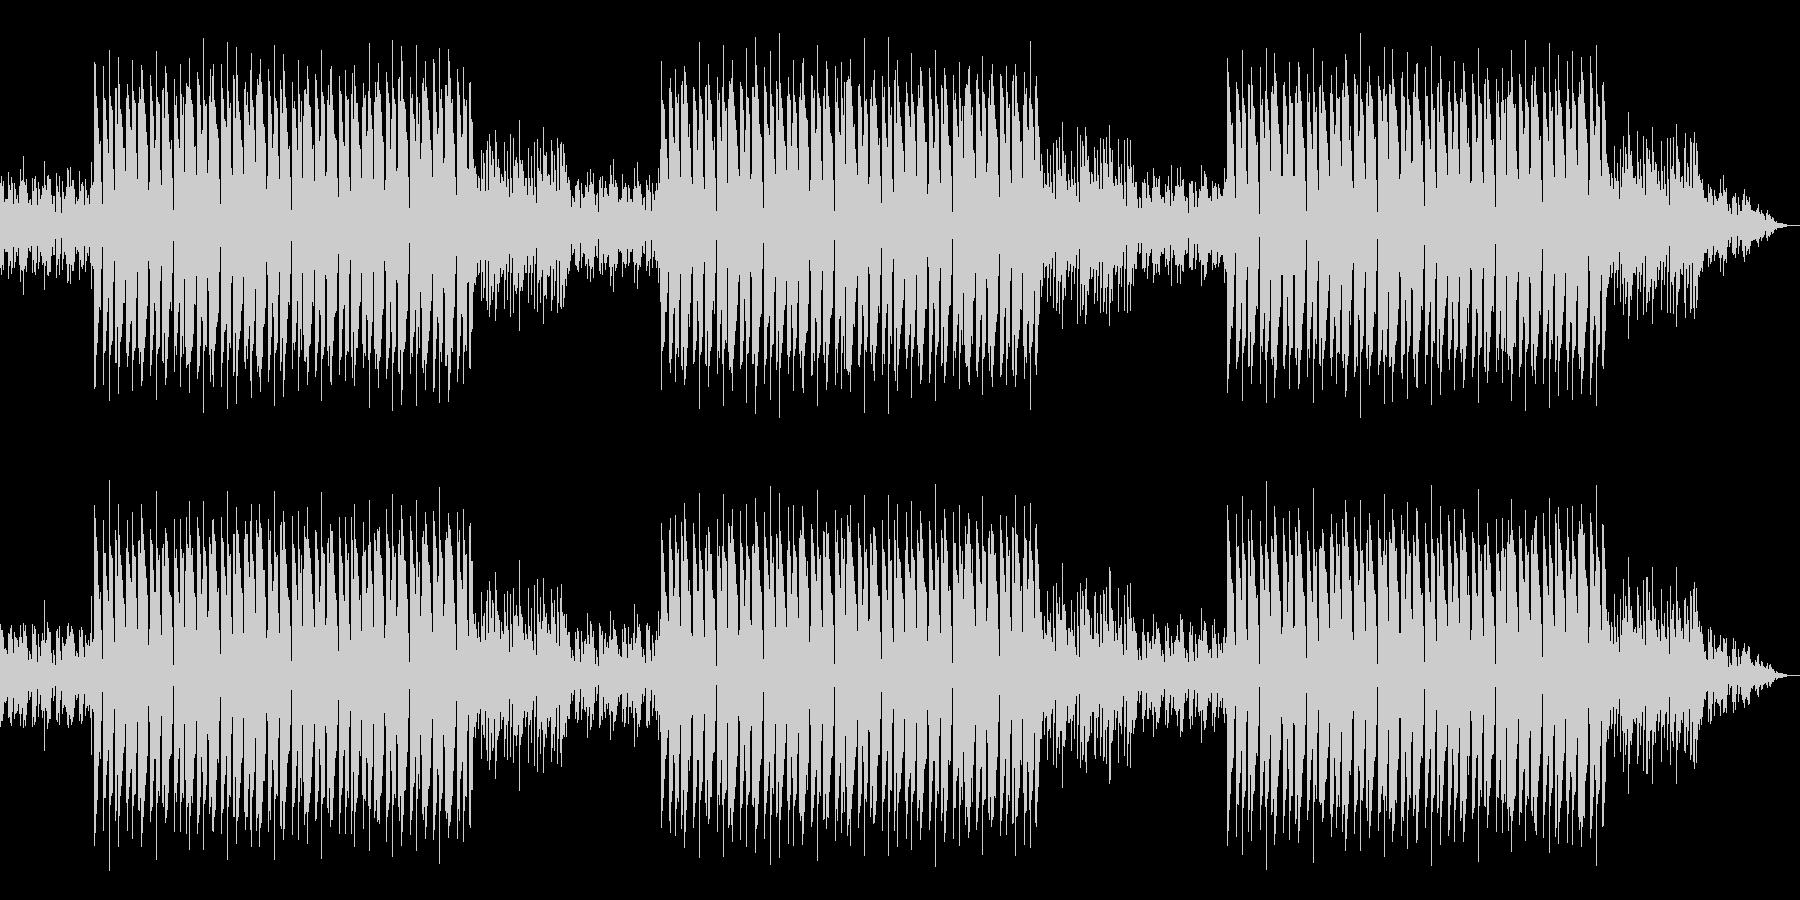 自然と体が揺れるヒップホップBGMの未再生の波形